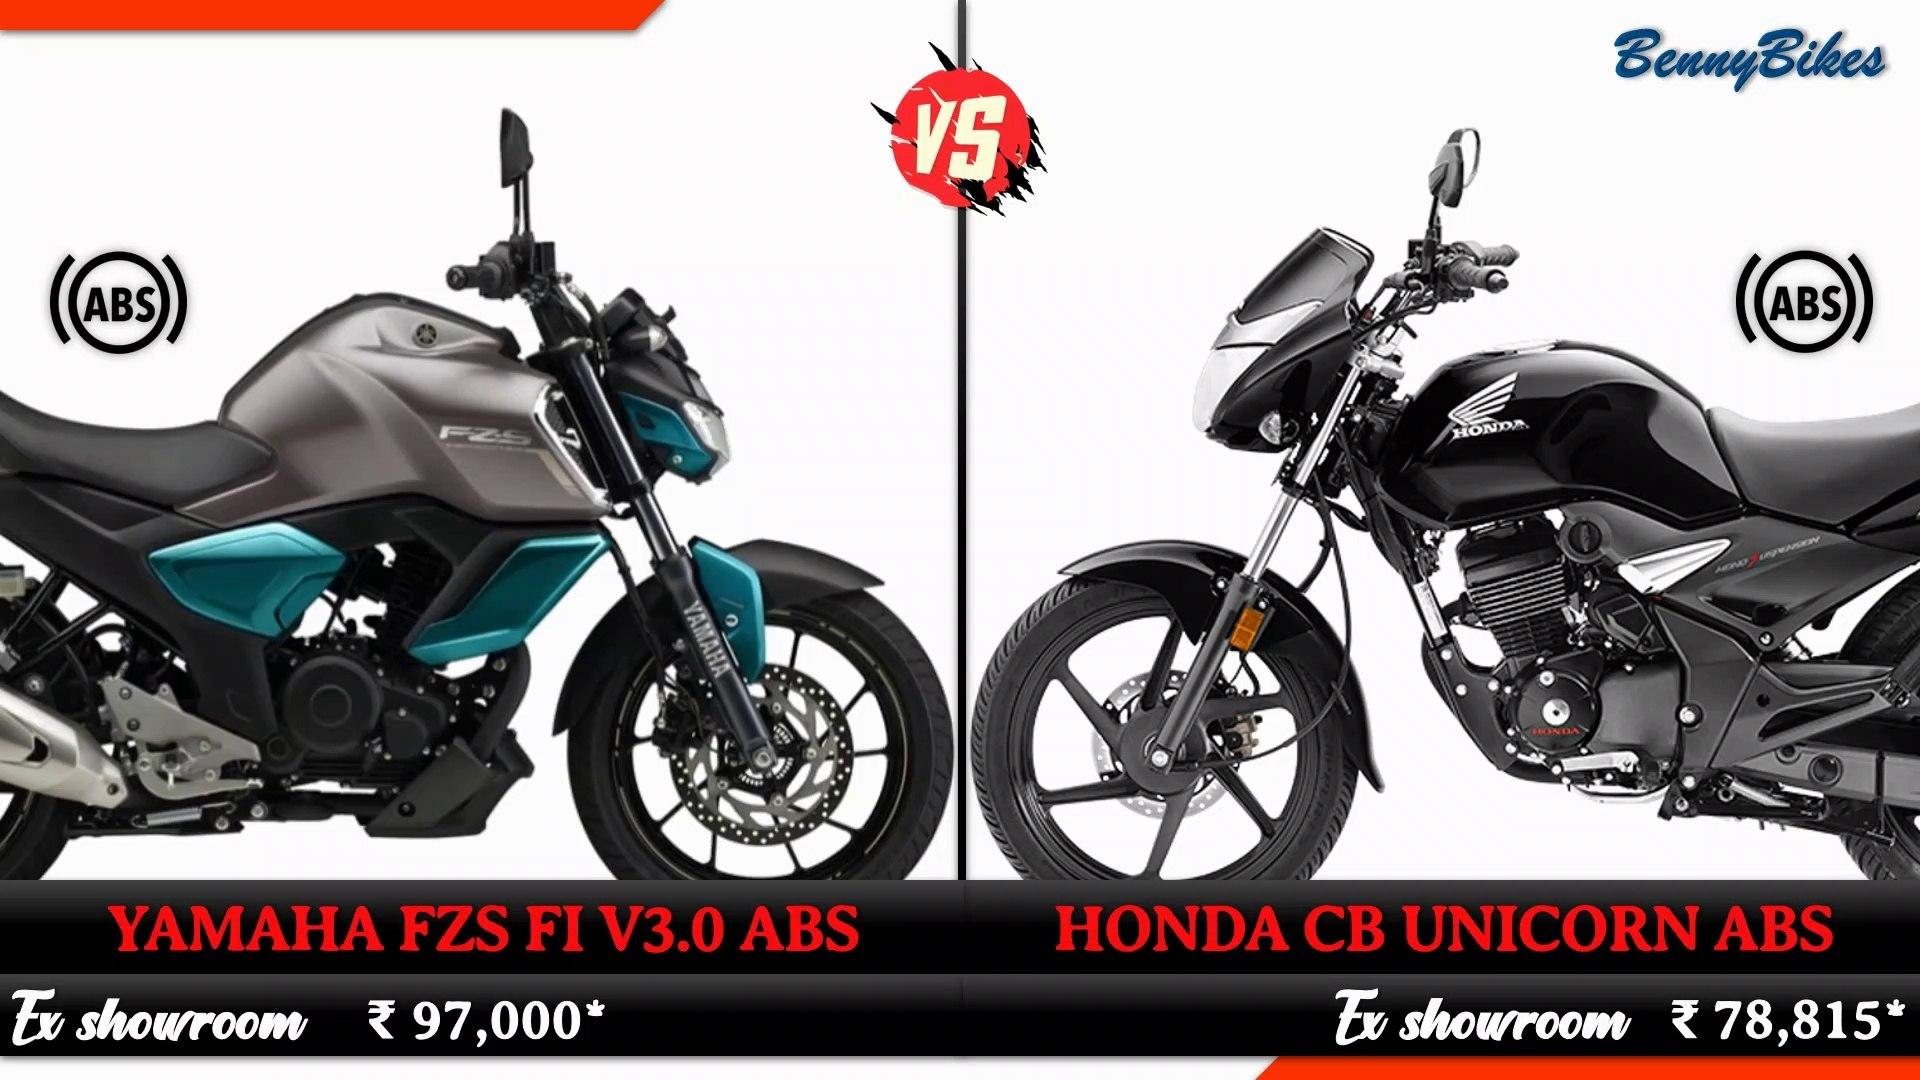 2019 New Yamaha FZS FI V3 ABS VS 2019 All New Honda CB Unicorn ABS